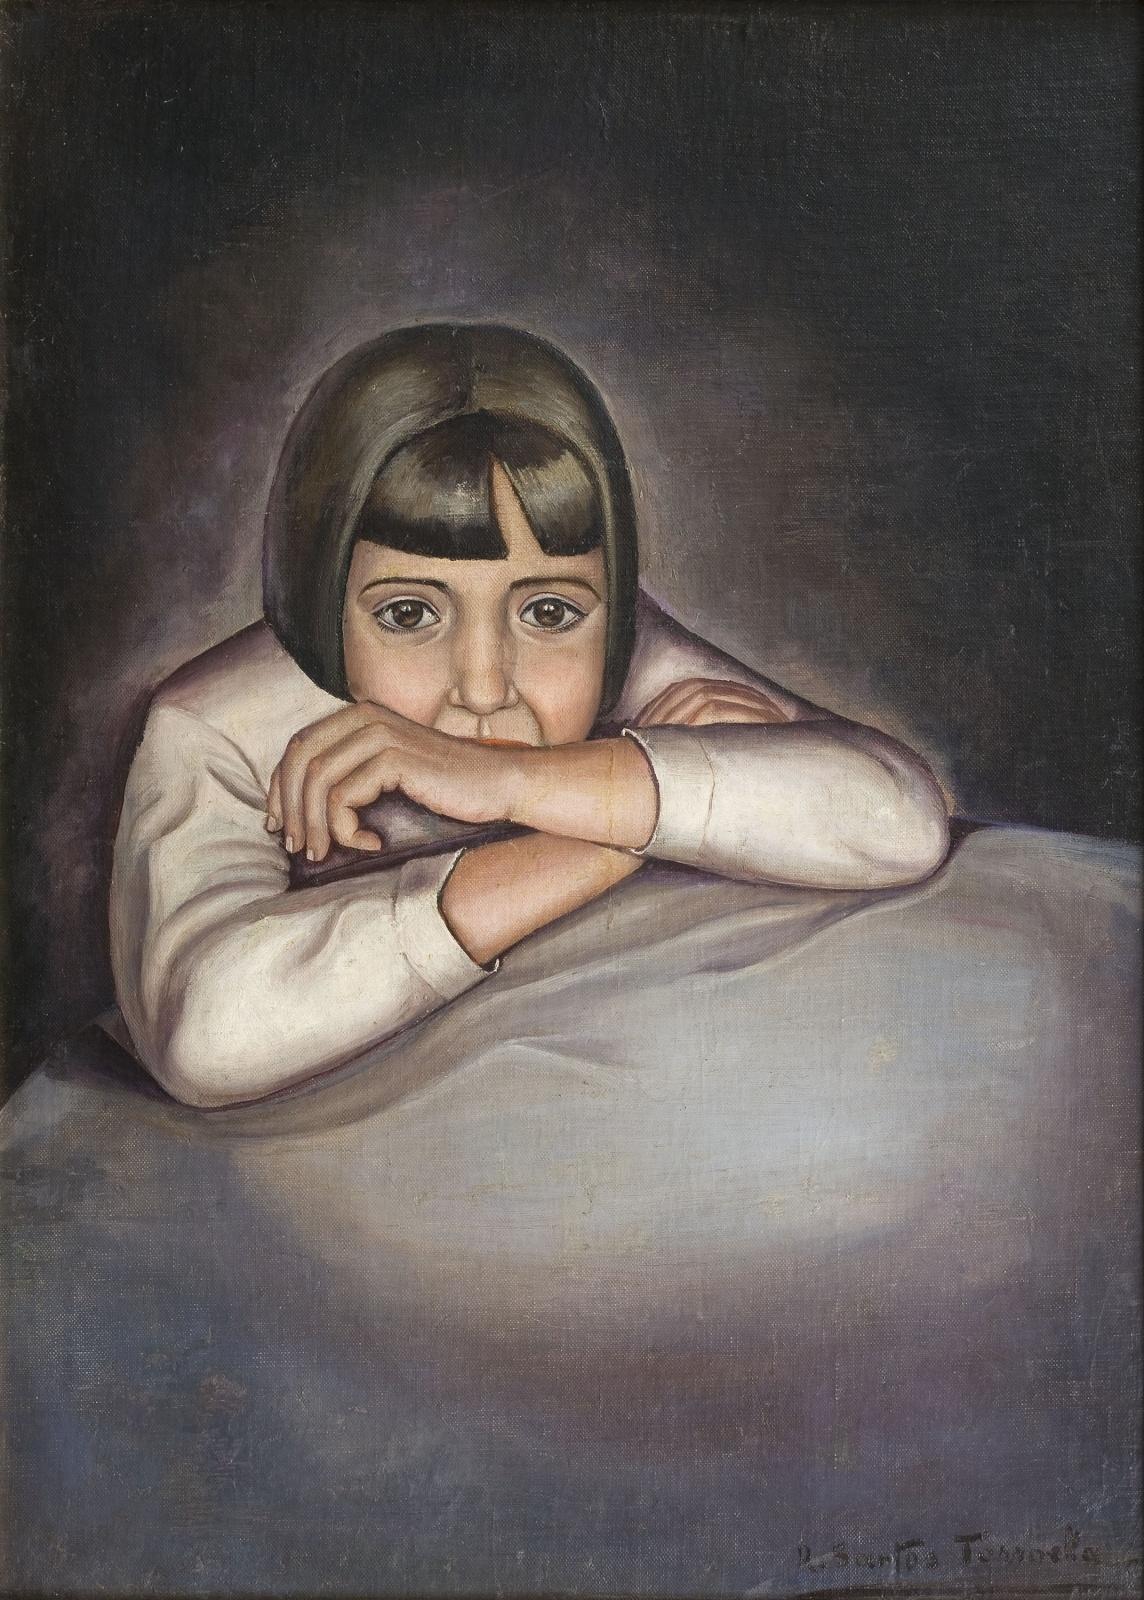 Nena (Retrat de Conchita), Ángeles Santos Torroella, Valladolid, cap a 1929